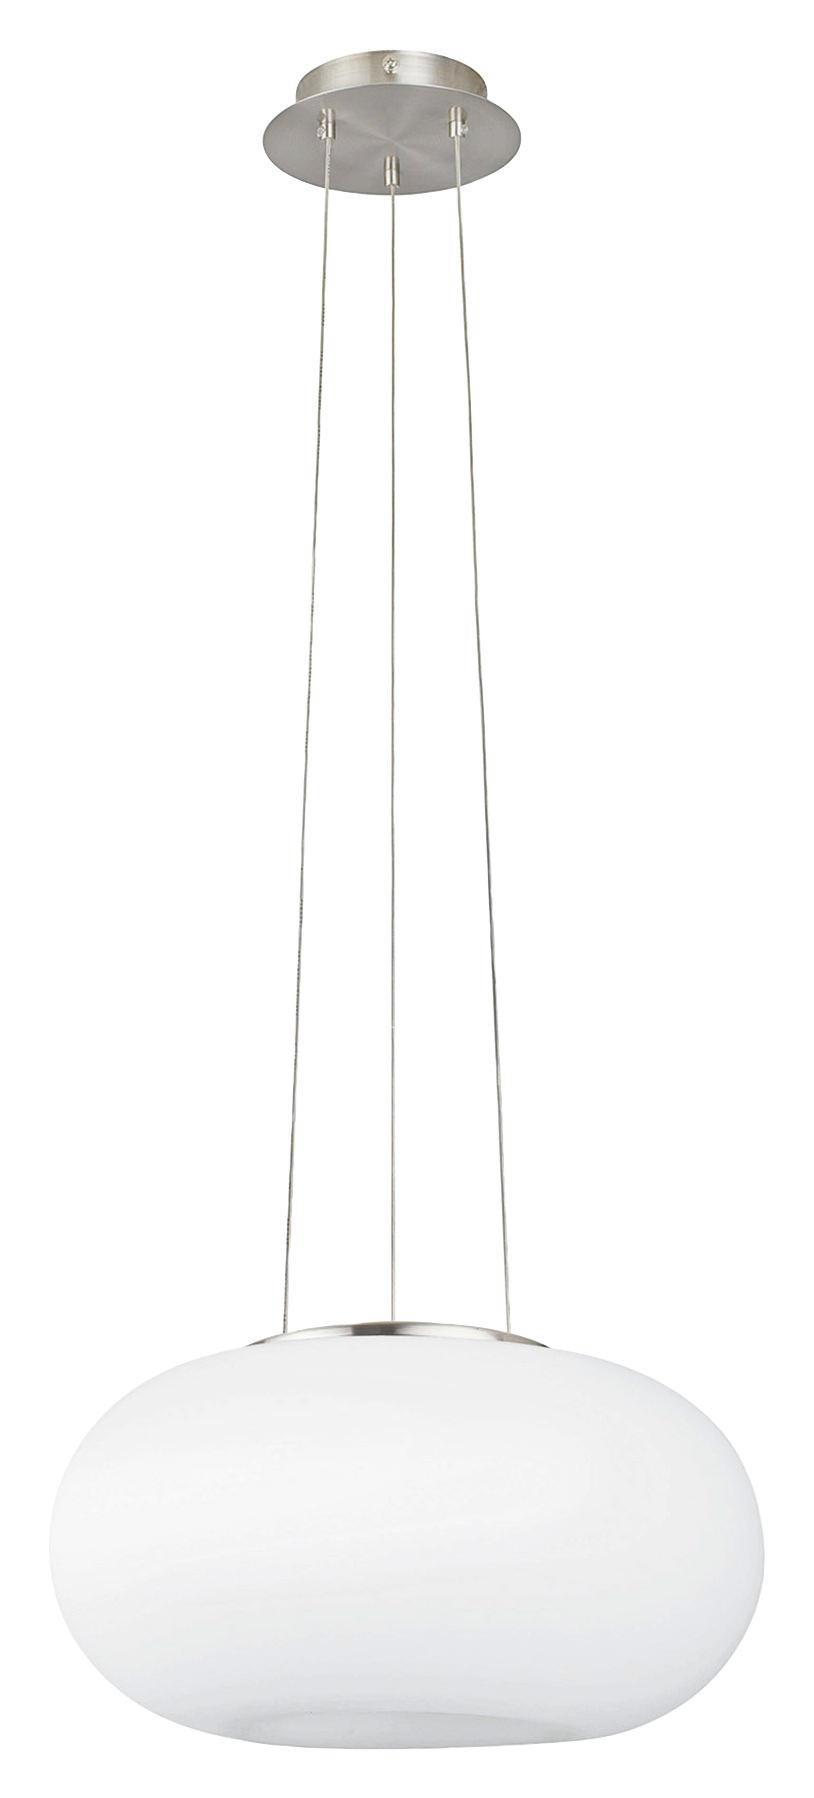 HÄNGELEUCHTE - Nickelfarben, KONVENTIONELL, Glas/Metall (35/110cm)